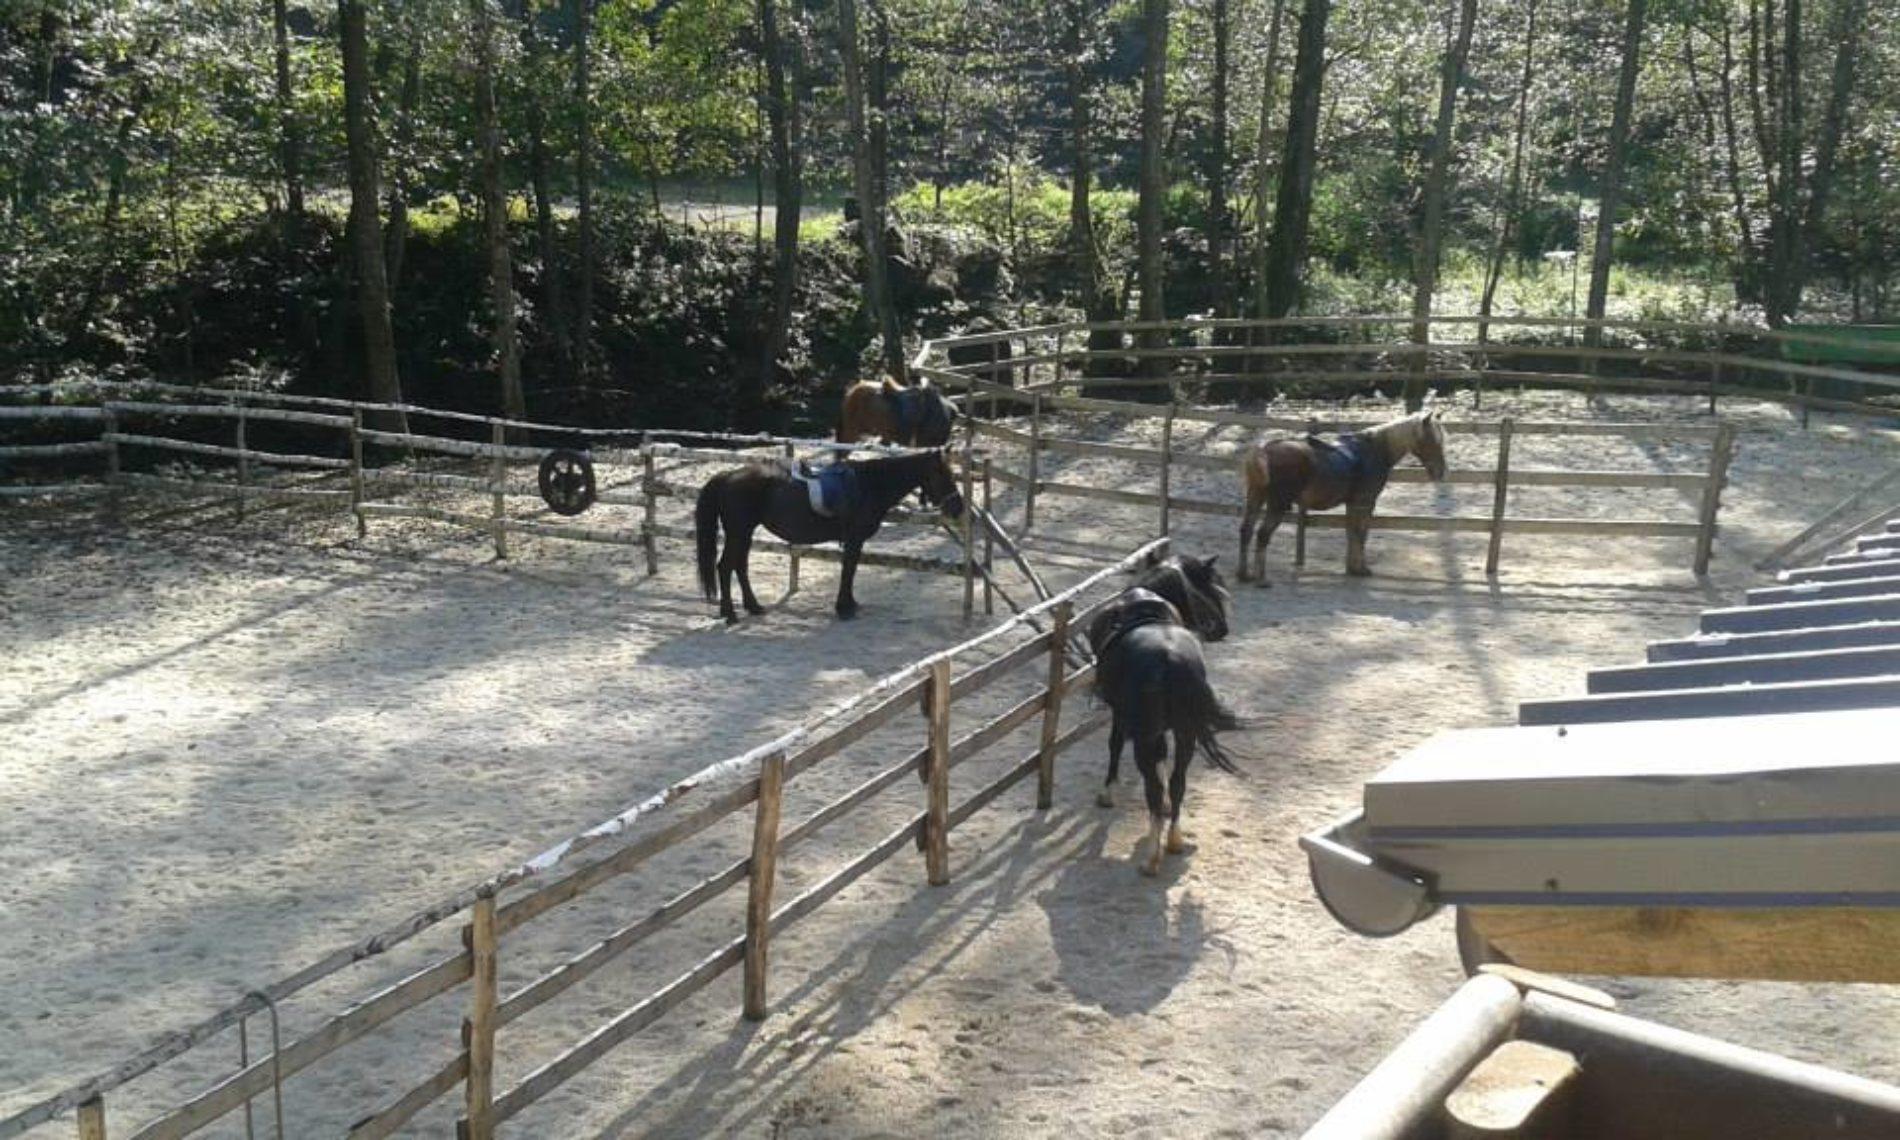 Mirsad se iz Australije vratio u domovinu: Njegov ranč kod Zavidovića posjećuju gosti iz cijele BiH